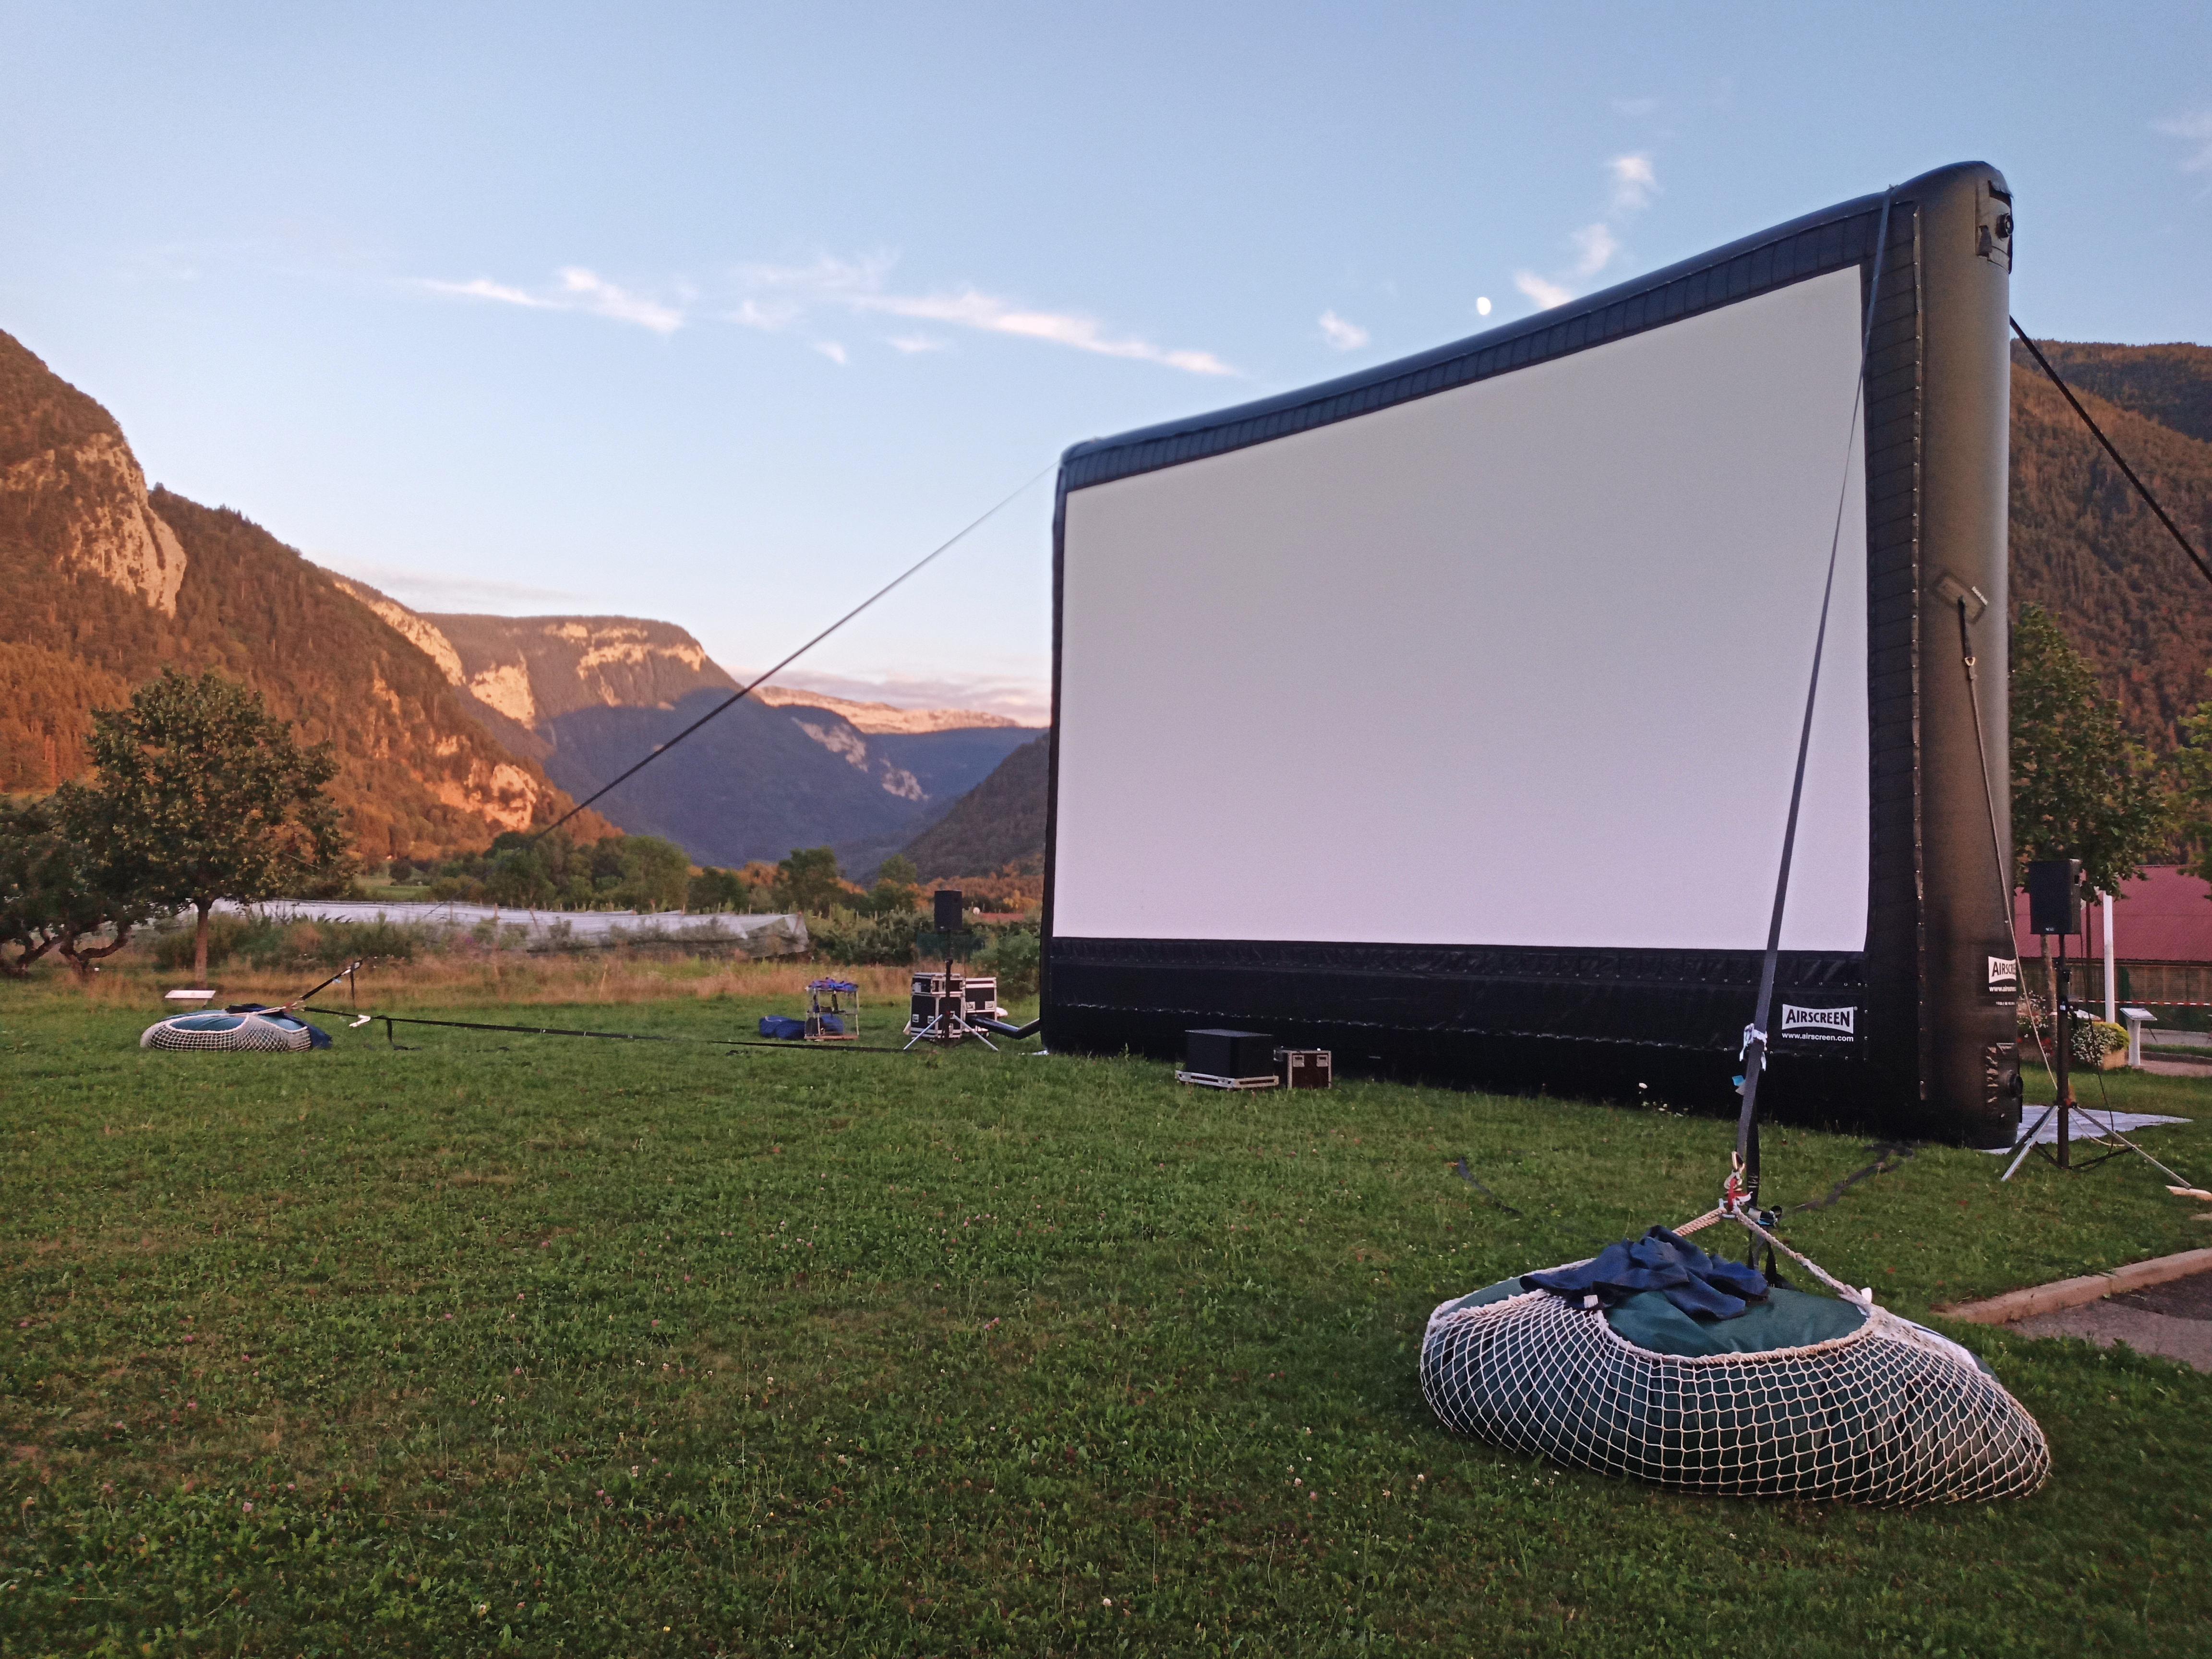 citernes souples d'eau lestant un écran de cinéma gonflable - FRANCE